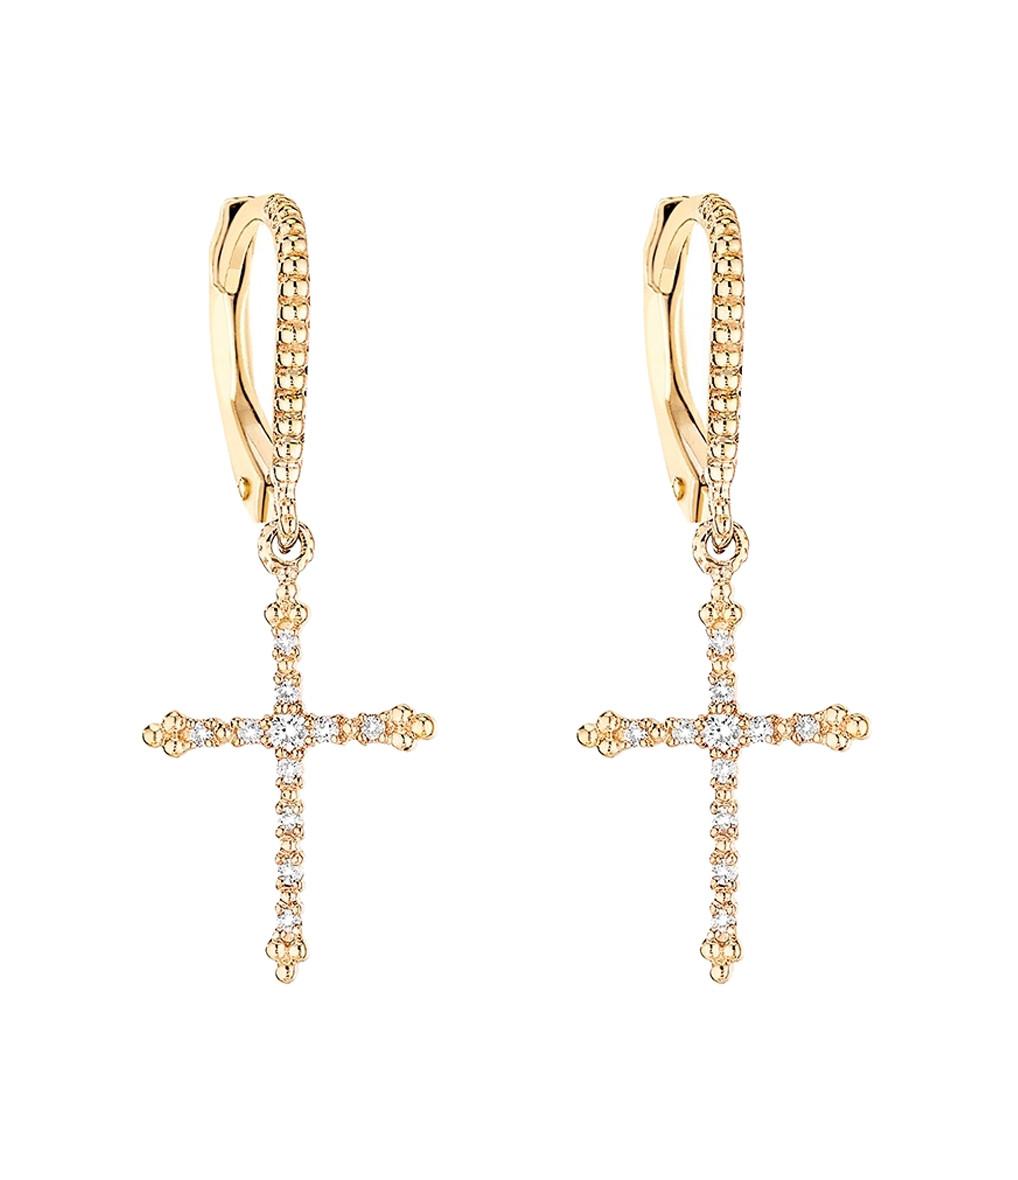 Boucles d'oreilles Grace Or Diamants - Stone